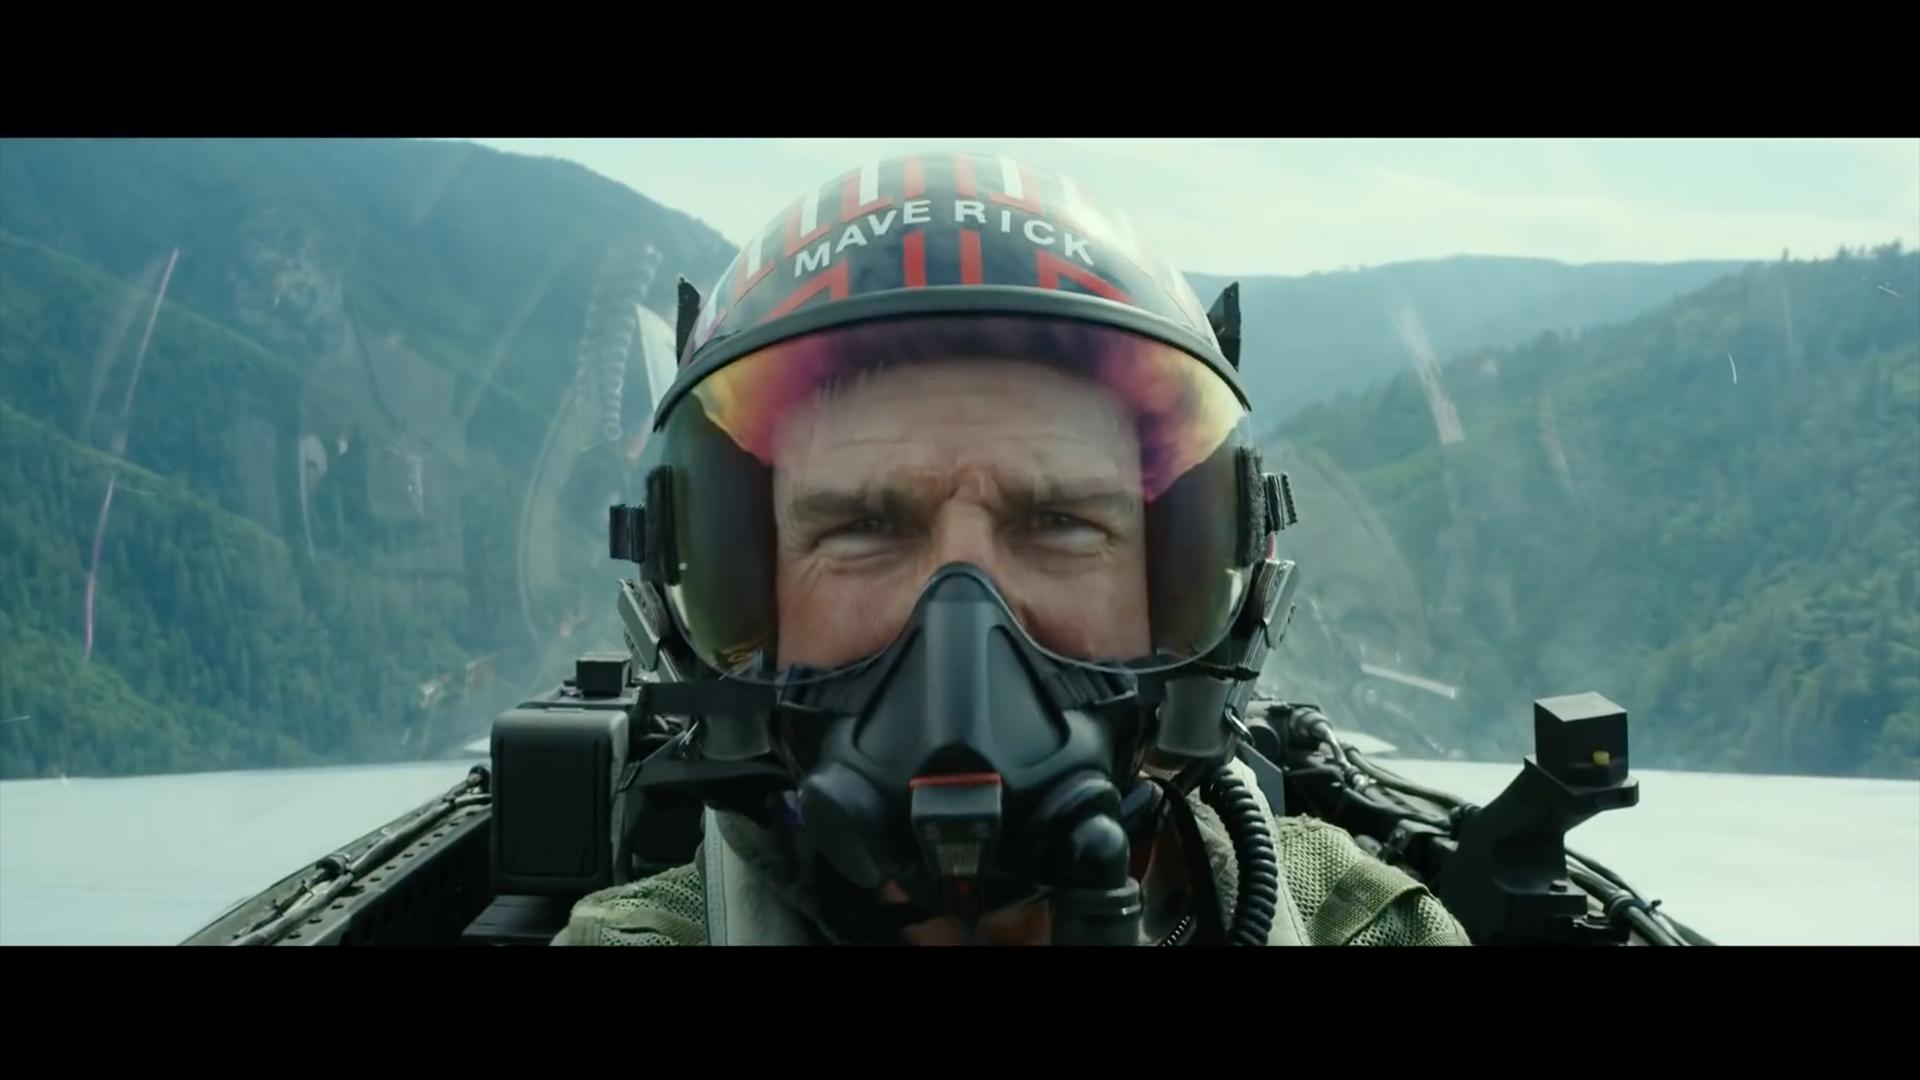 Screen grab from Top Gun 2 trailer